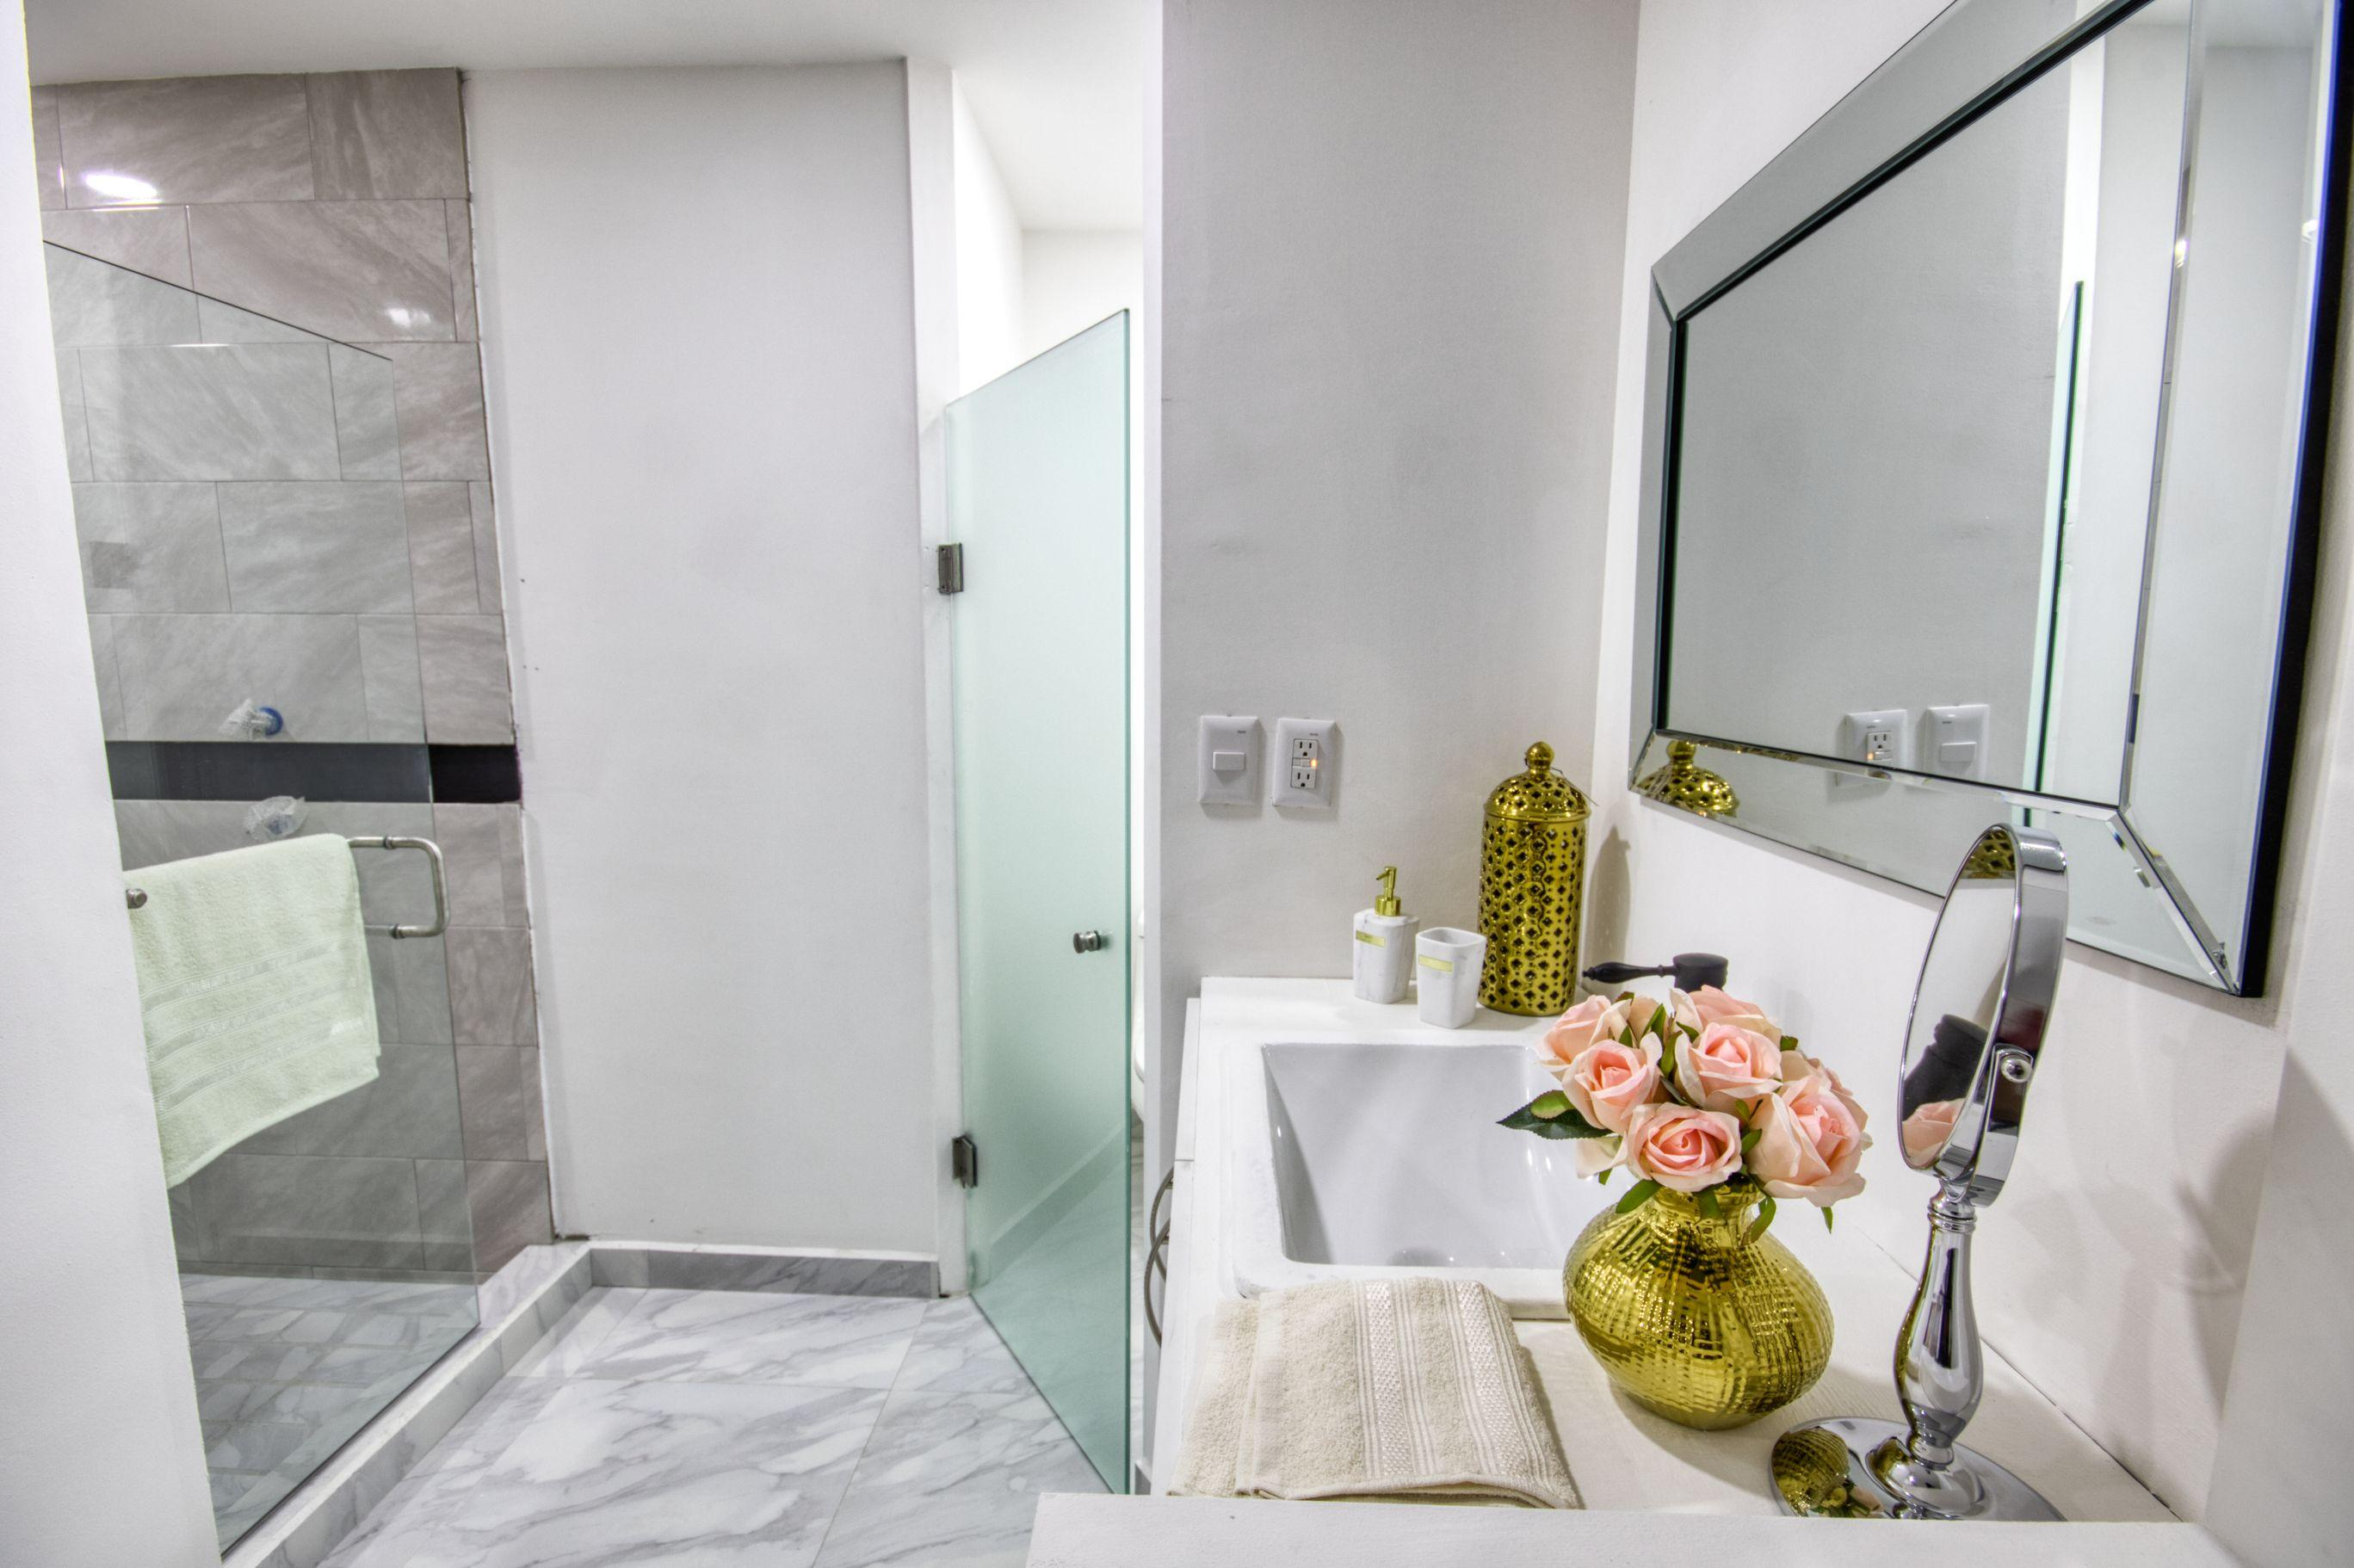 Cabo San Lucas, 2 Bedrooms Bedrooms, ,2 BathroomsBathrooms,Condo,For Sale,8 de Octubre,19-868